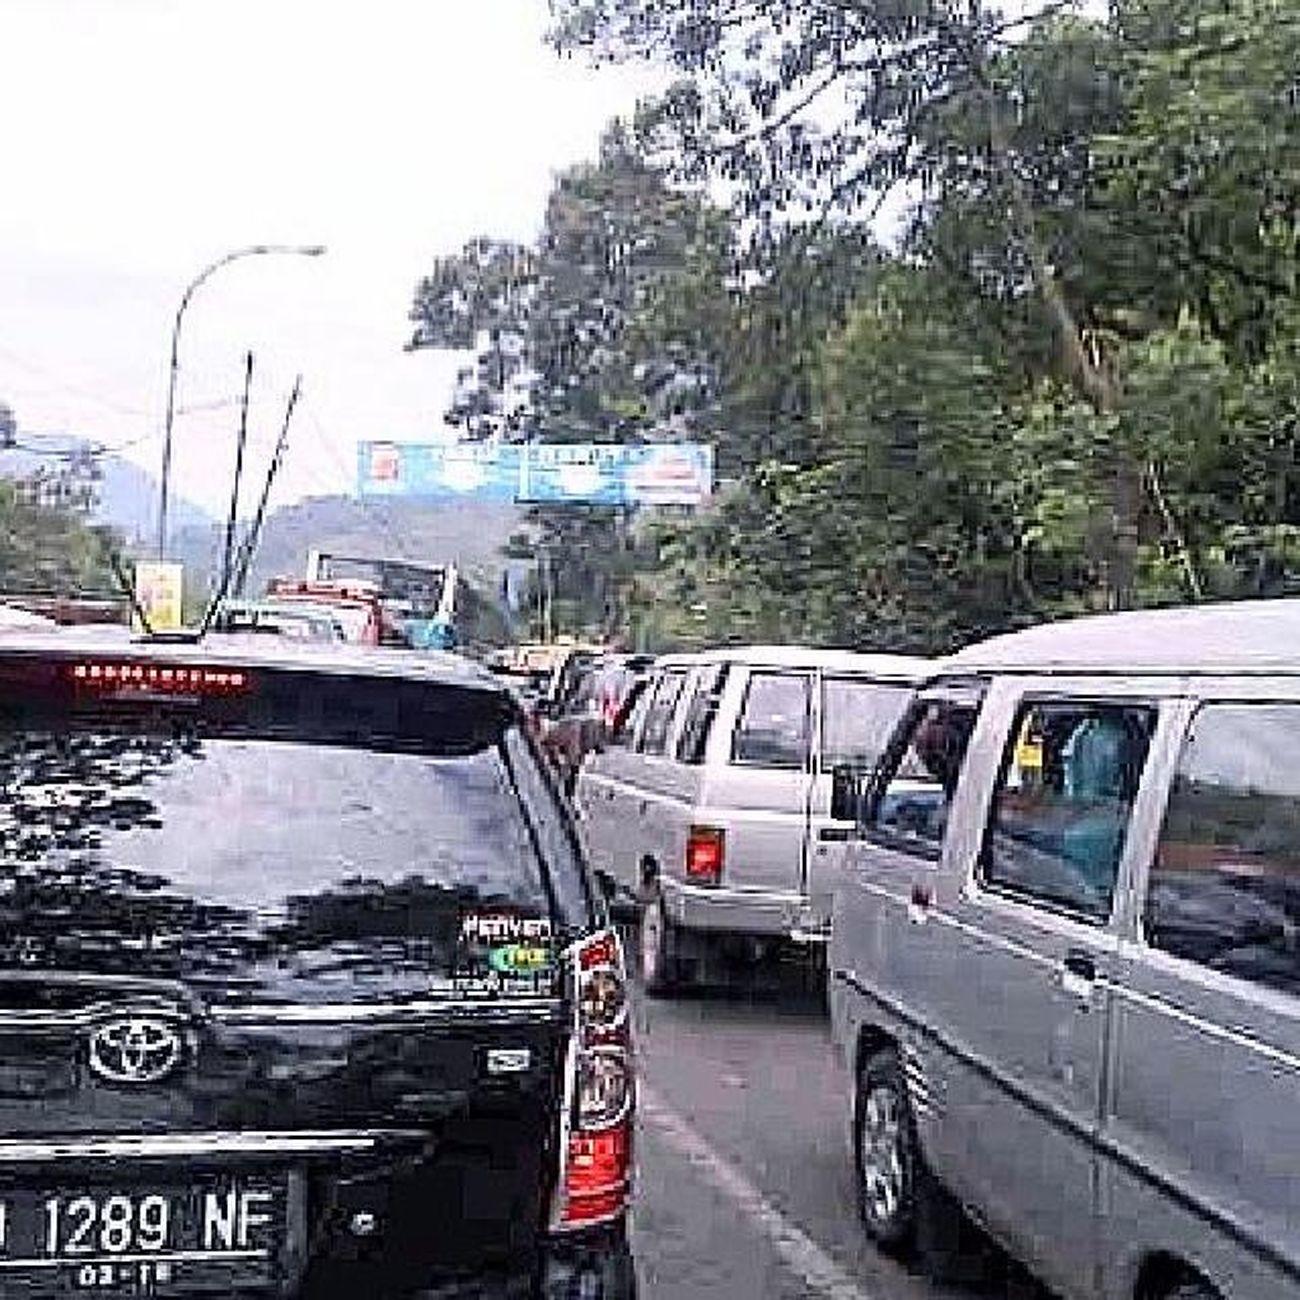 Nagreg dekat pintu kereta api (foto oleh M. Arif amerta) Bandungjuara Idulfitri  Infojalan Televisinet